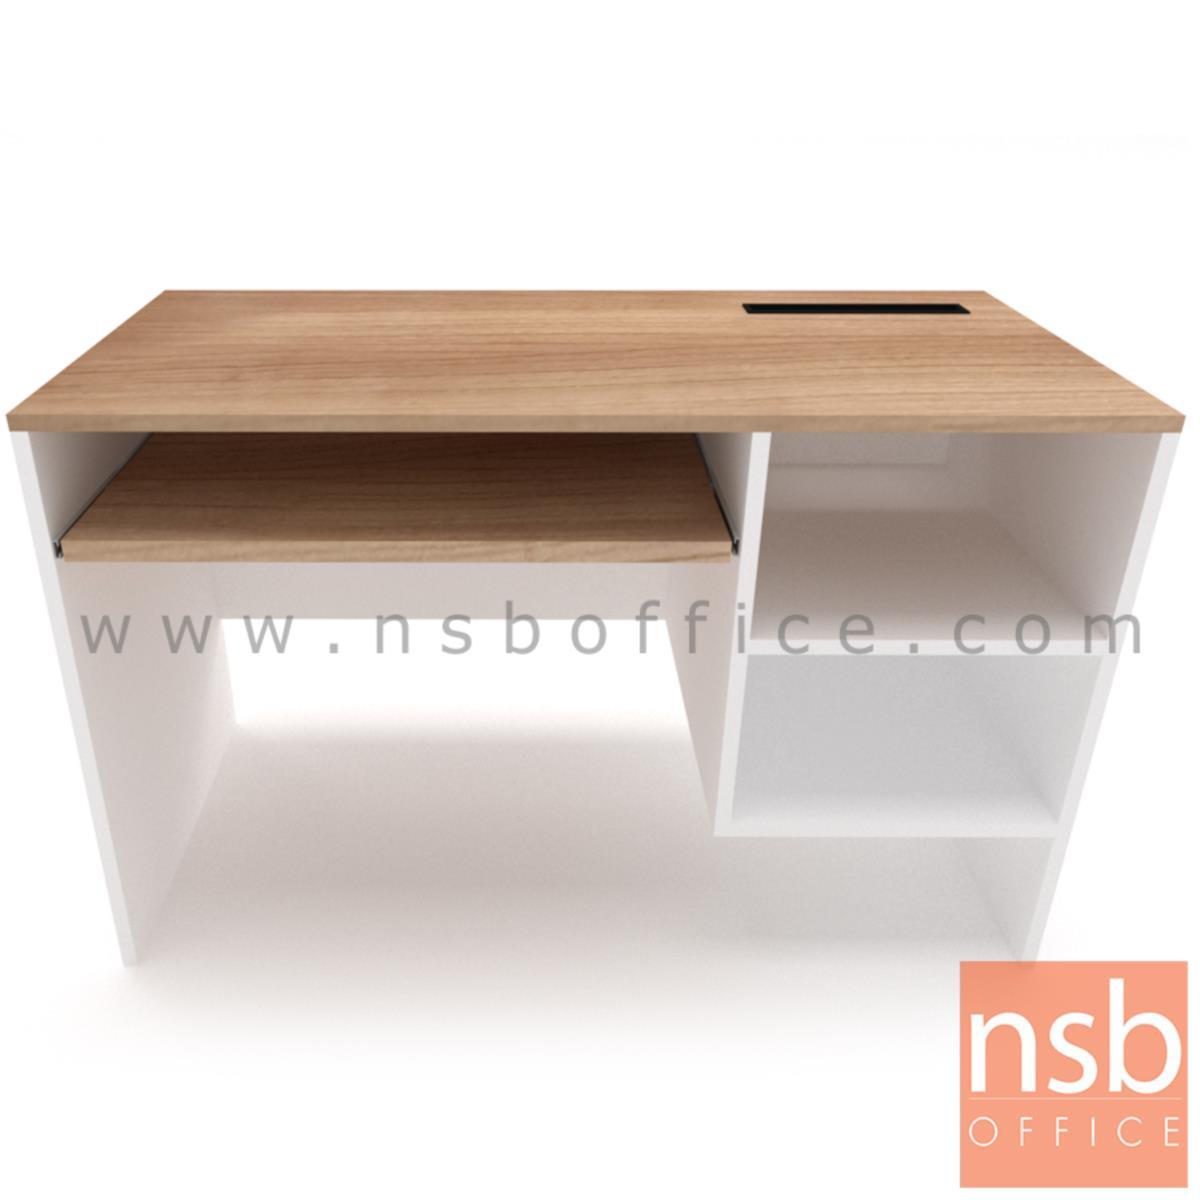 โต๊ะคอมพิวเตอร์และพรินเตอร์ 2 ช่องโล่ง รุ่น Mellen (เมลเลน) ขนาด 120W ,135W ,150W (60D, 75D) cm. พร้อมรางคีย์บอร์ด เมลามีน